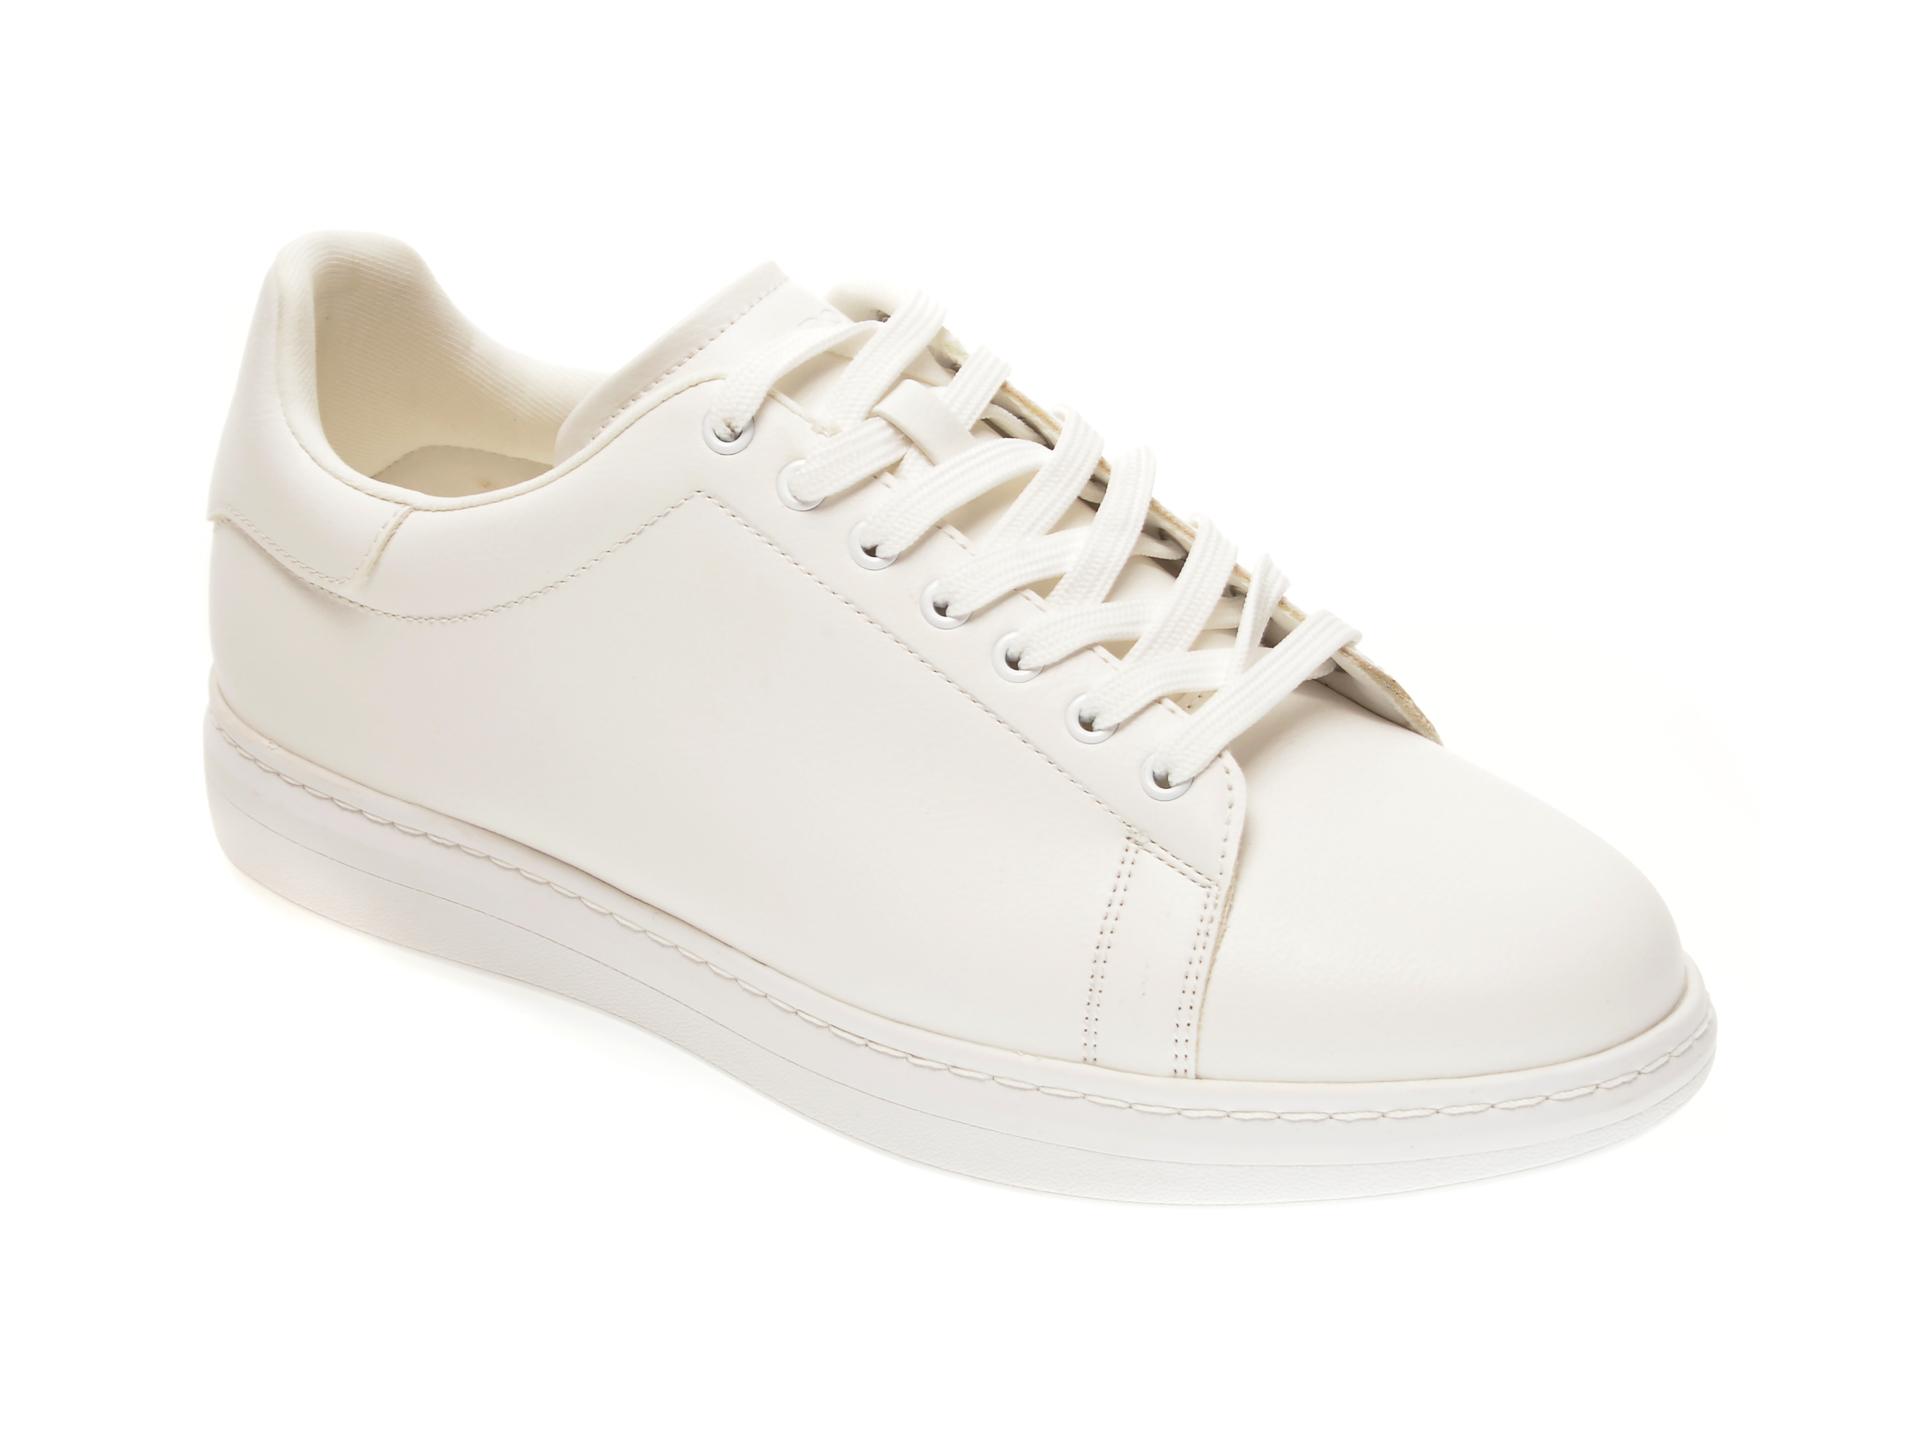 Pantofi Aldo Albi, Dallyn100, Din Piele Ecologica